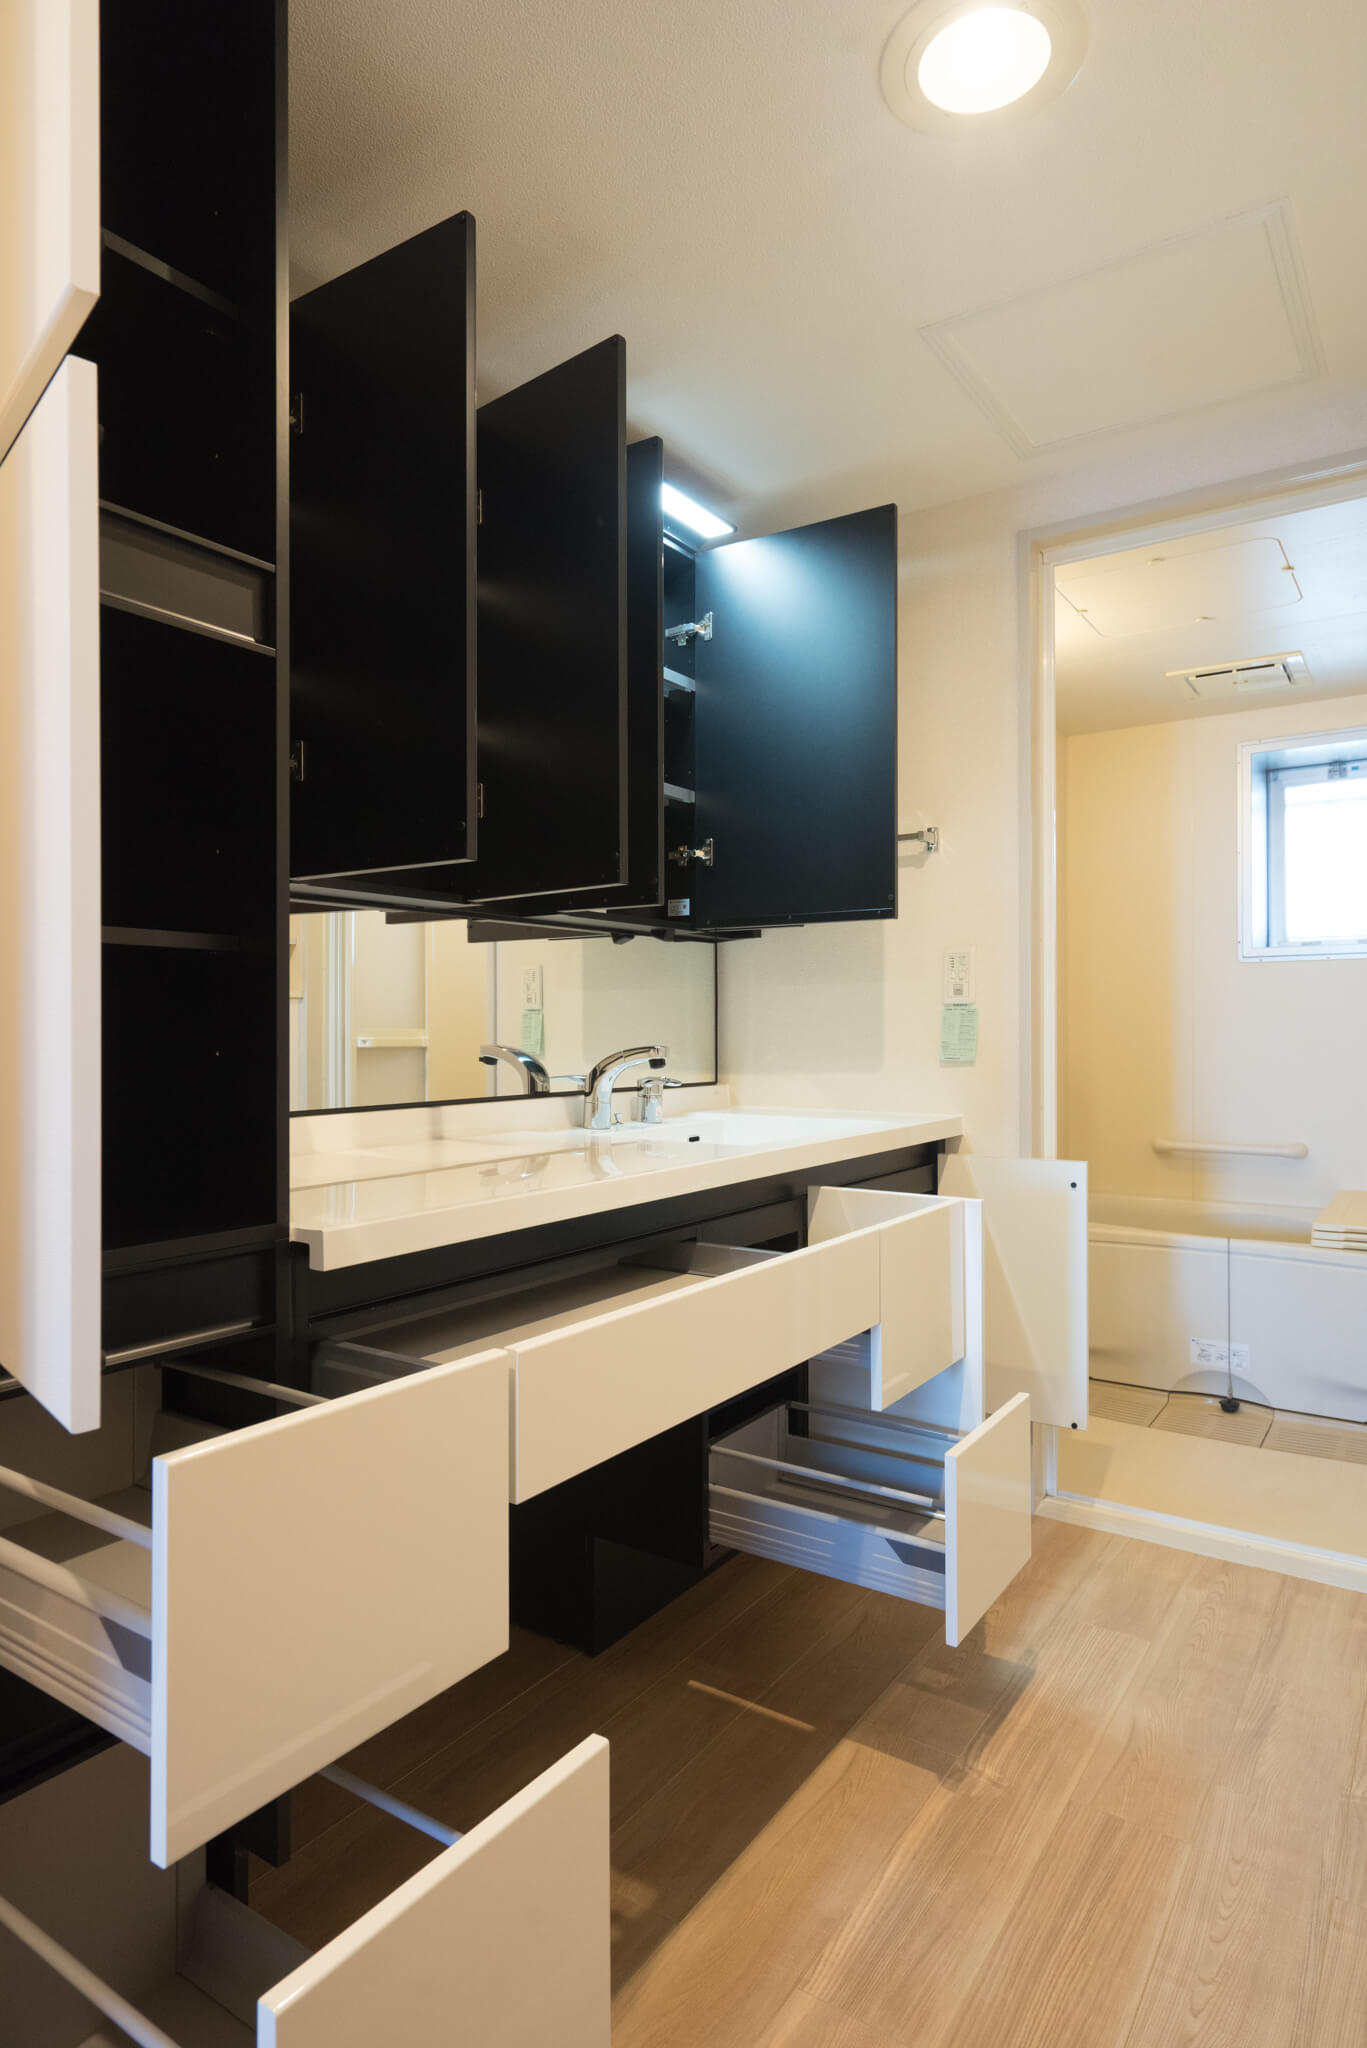 一番感動したのが、バスルームへと続く導線にある脱衣室、そして生活納戸の収納。広々の脱衣スペースにある大型洗面台には収納がこれでもかと。